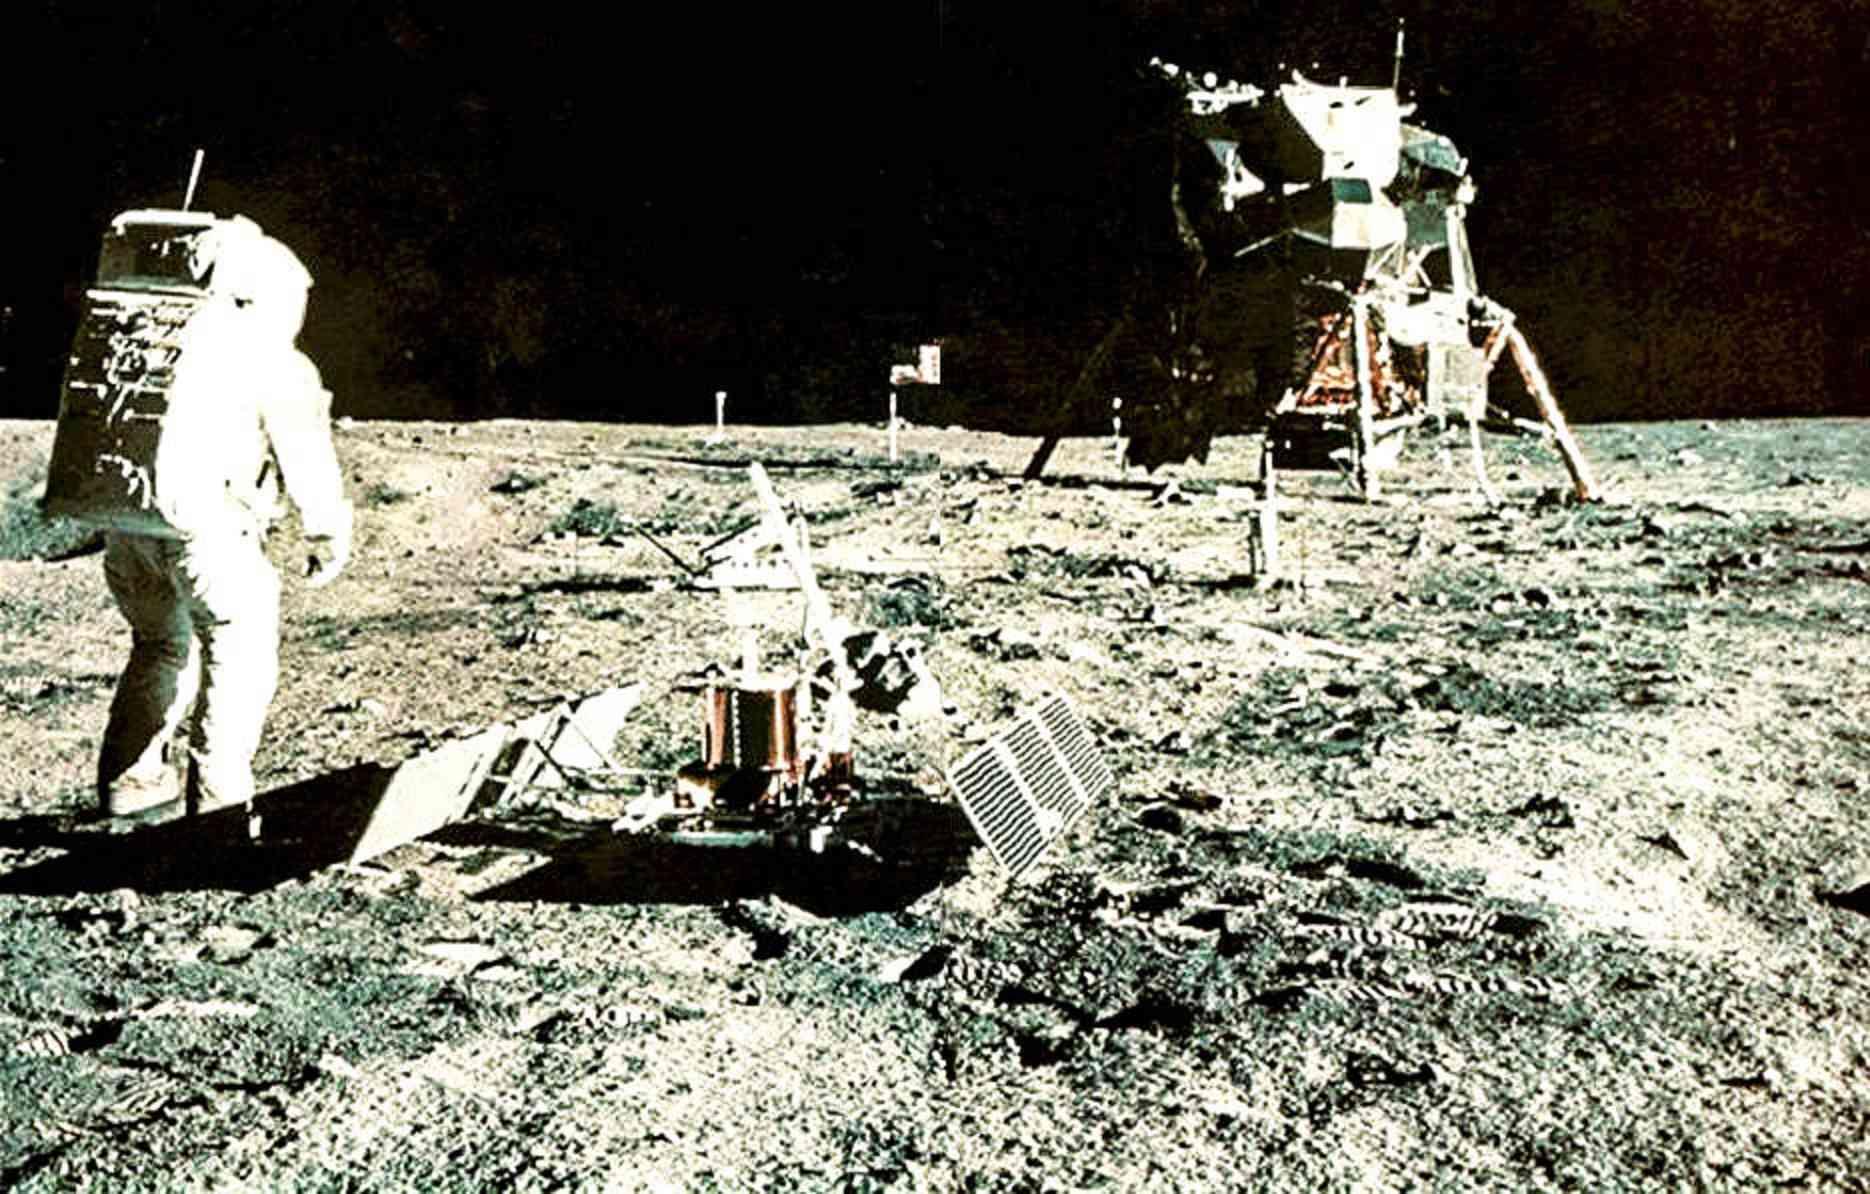 Apollo 11 vu par google earth - Page 2 Pse_1111